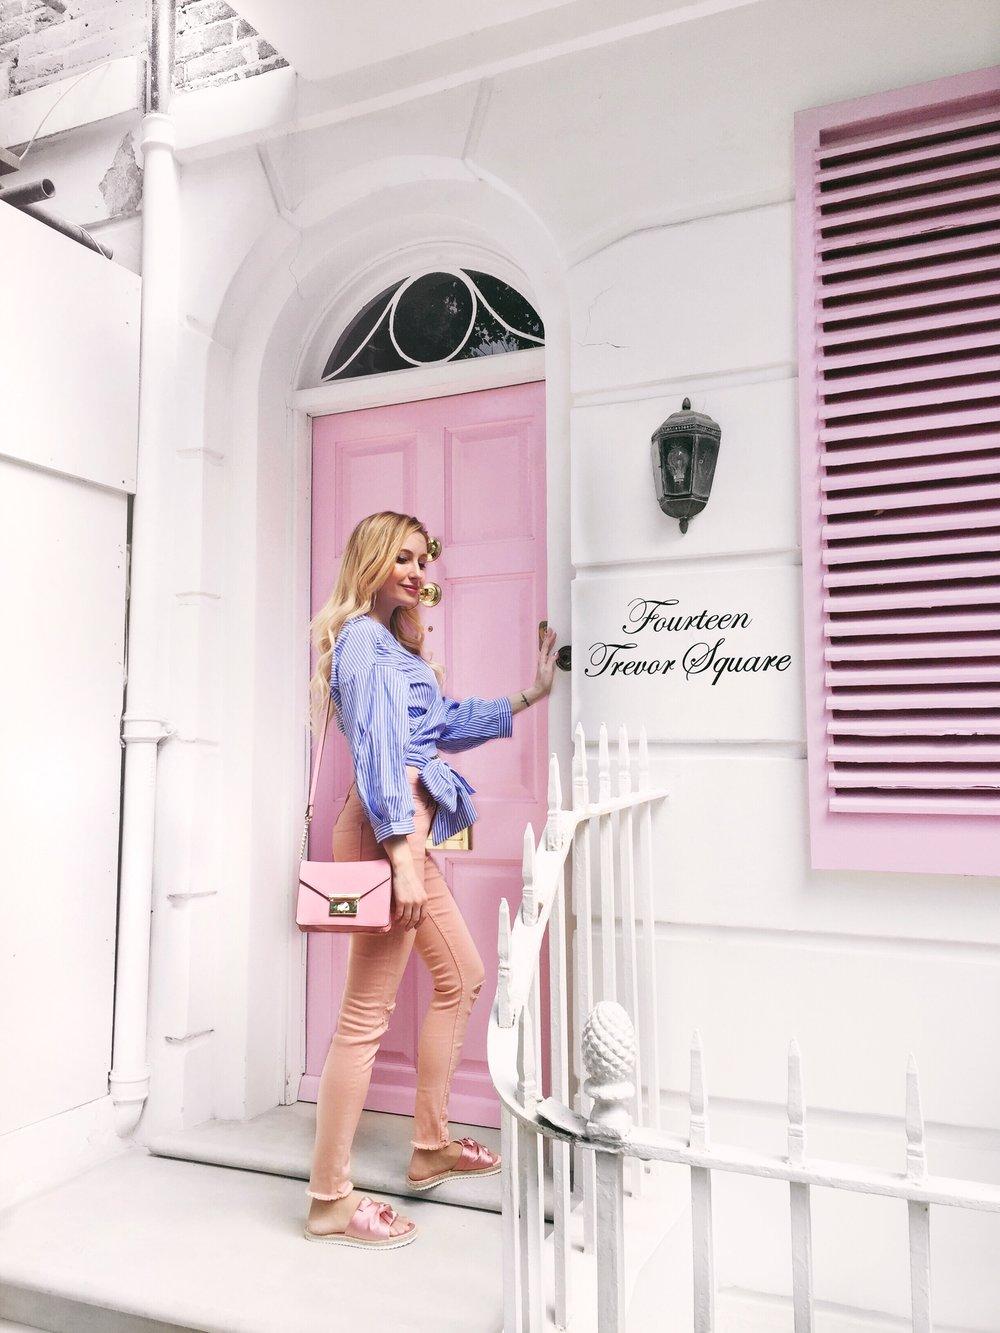 Pontosan - ilyen hely a Trevor Square-en található kis rózsaszín bejárati ajtó is, amely mára már bloggerek zarándokhelyévé nőtte ki magát. Rövid tartózkodásom során naná, hogy nem hagyhattam ki a púderes mennyország kapuját. Ilyenkor mindig megfordul a fejemben, hogy vajon mifféle titkok bújhatnak meg az ajtó mögött, kik lehetnek a cukorszirup ingatlan lakói...